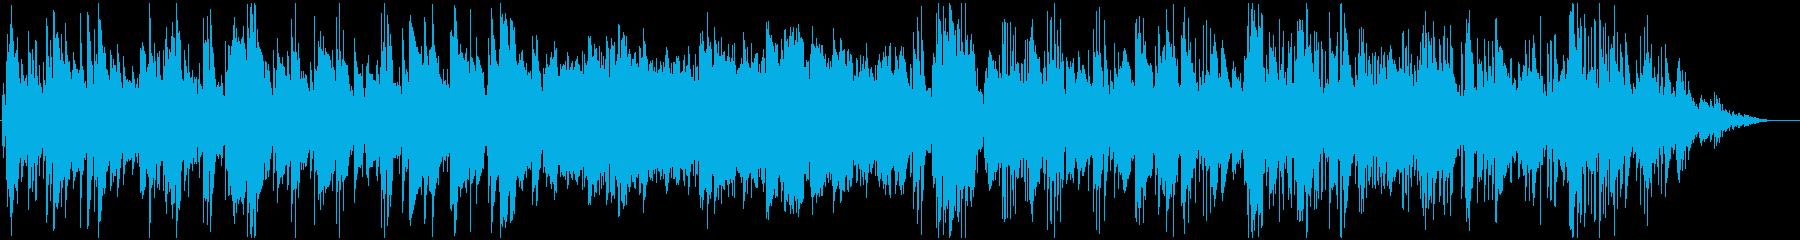 ノスタルジックなジャズBGMの再生済みの波形